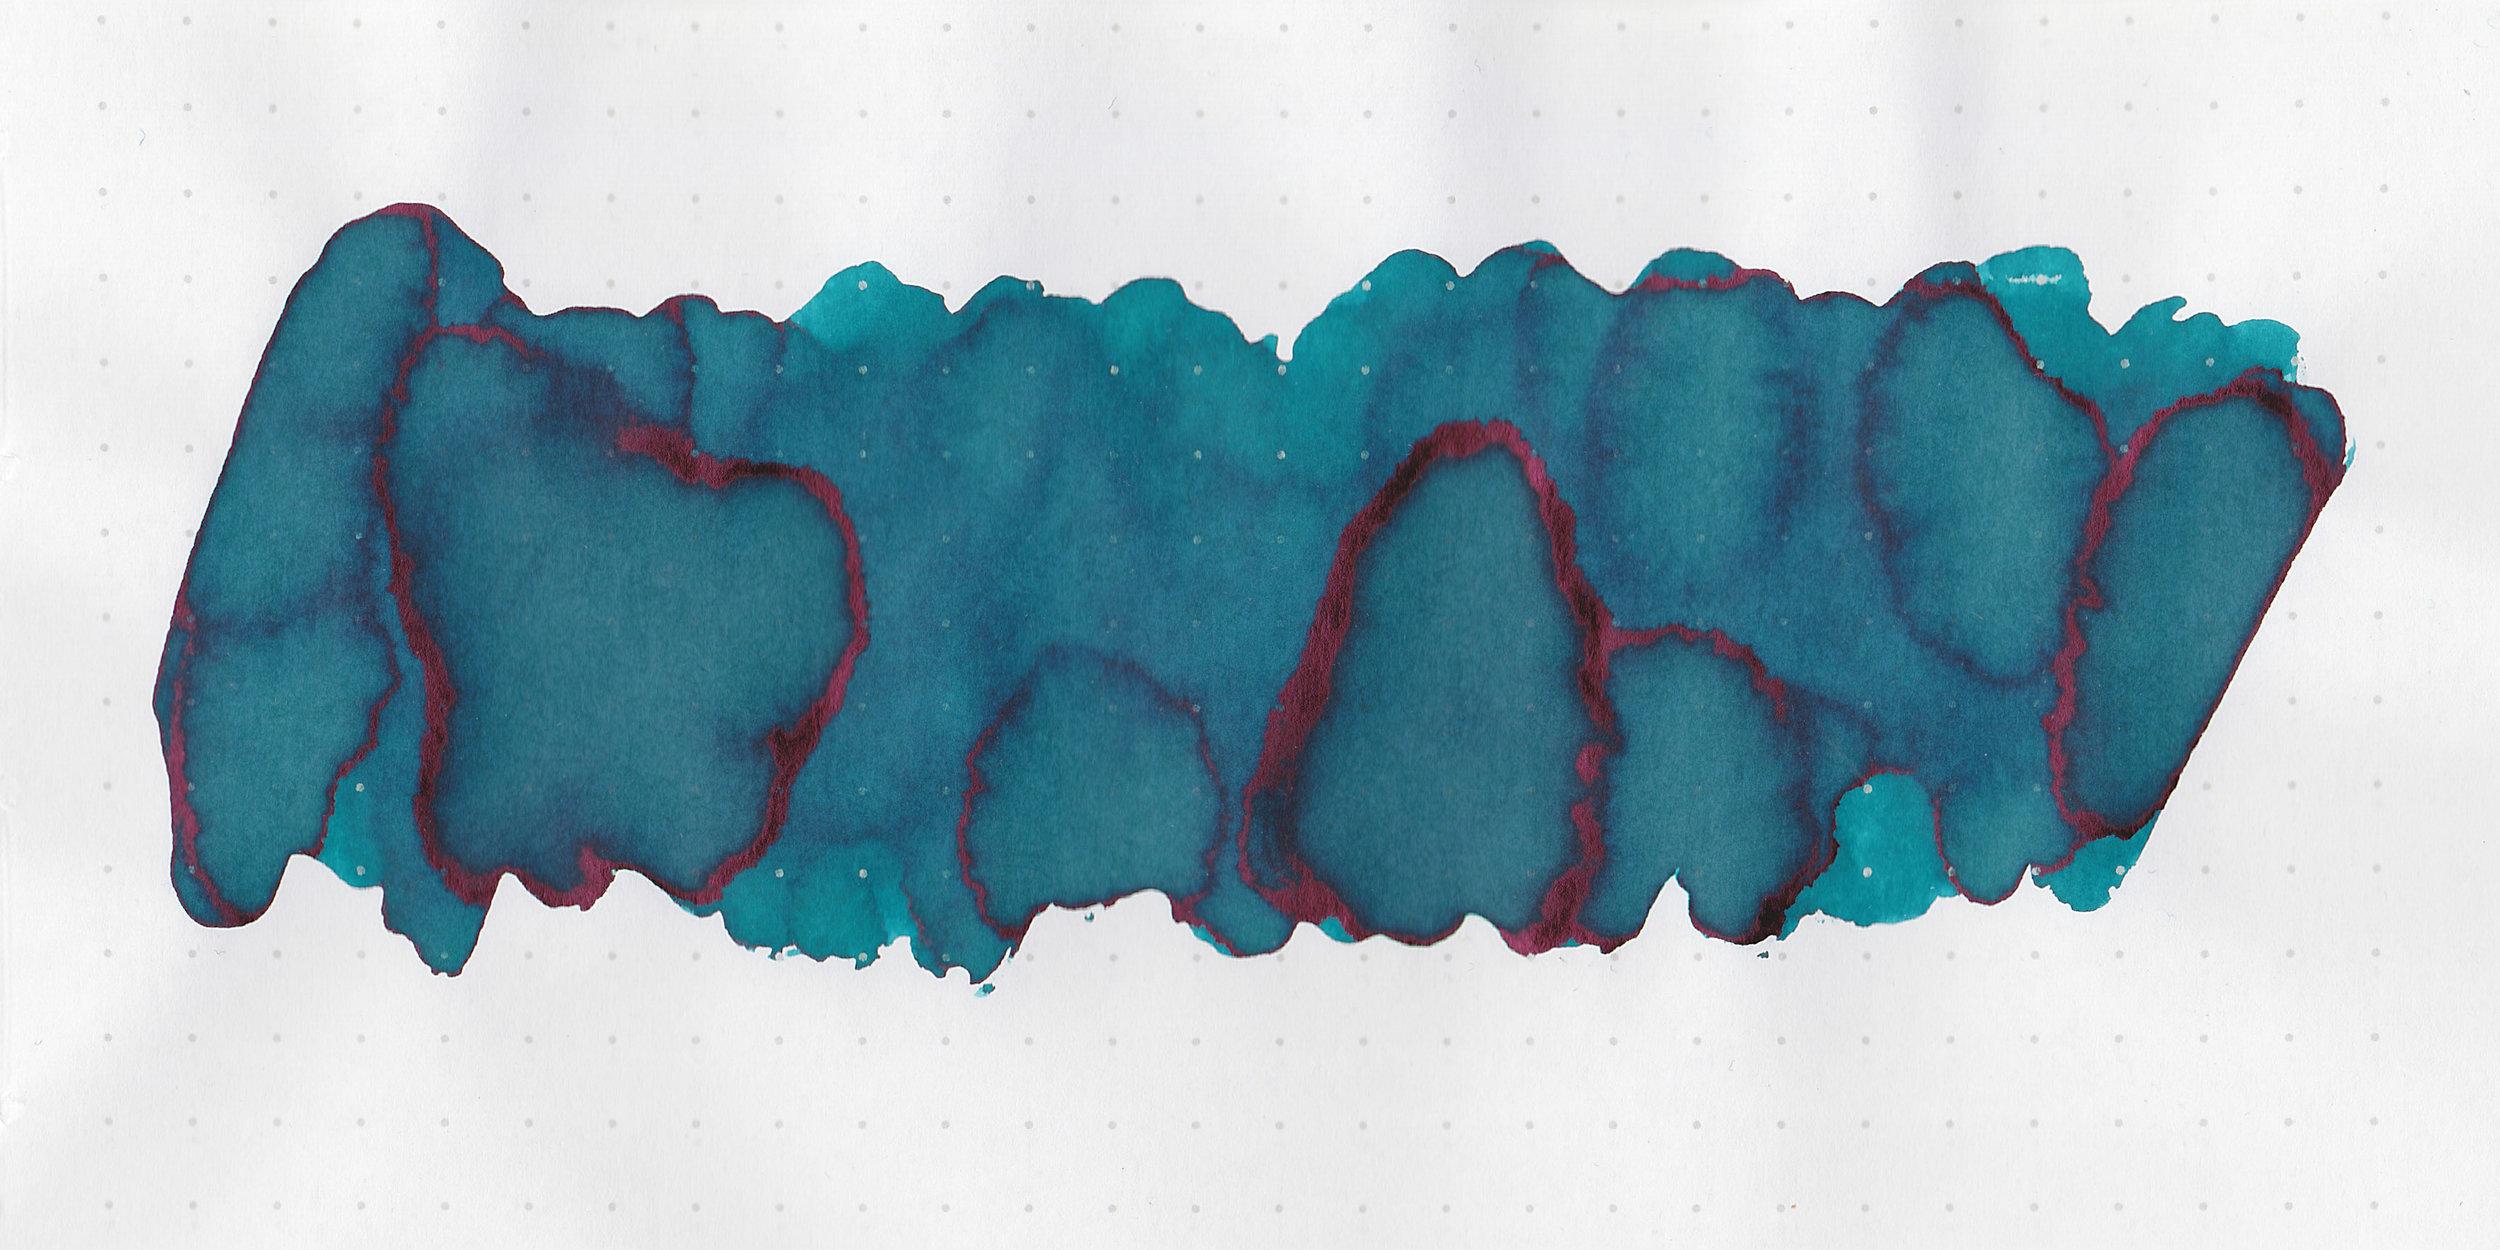 d-aurora-borealis-3.jpg